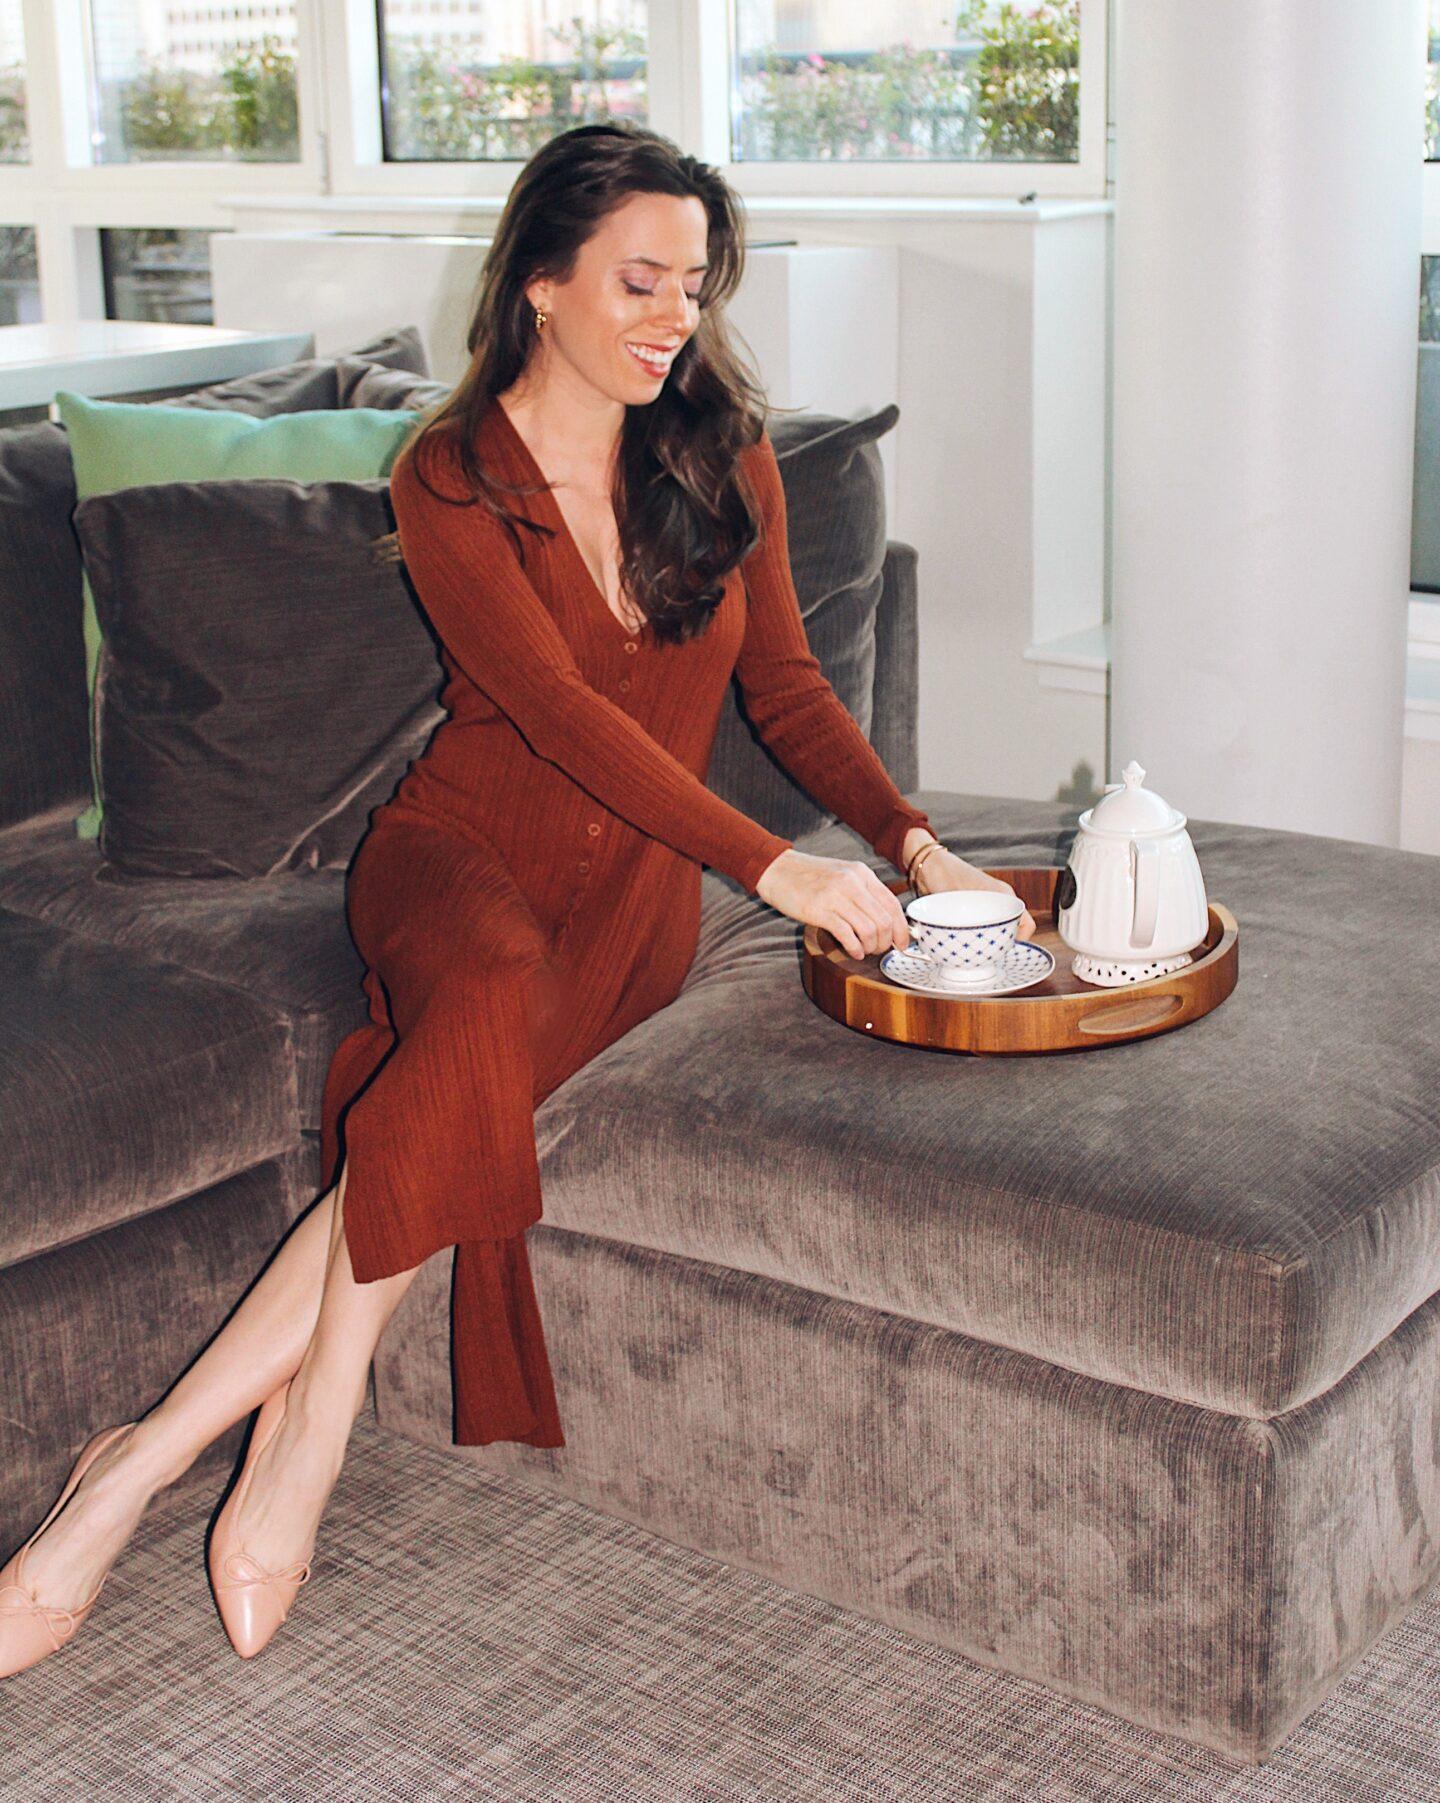 brown cardigan and ballerina flats outfit idea -- ana florentina